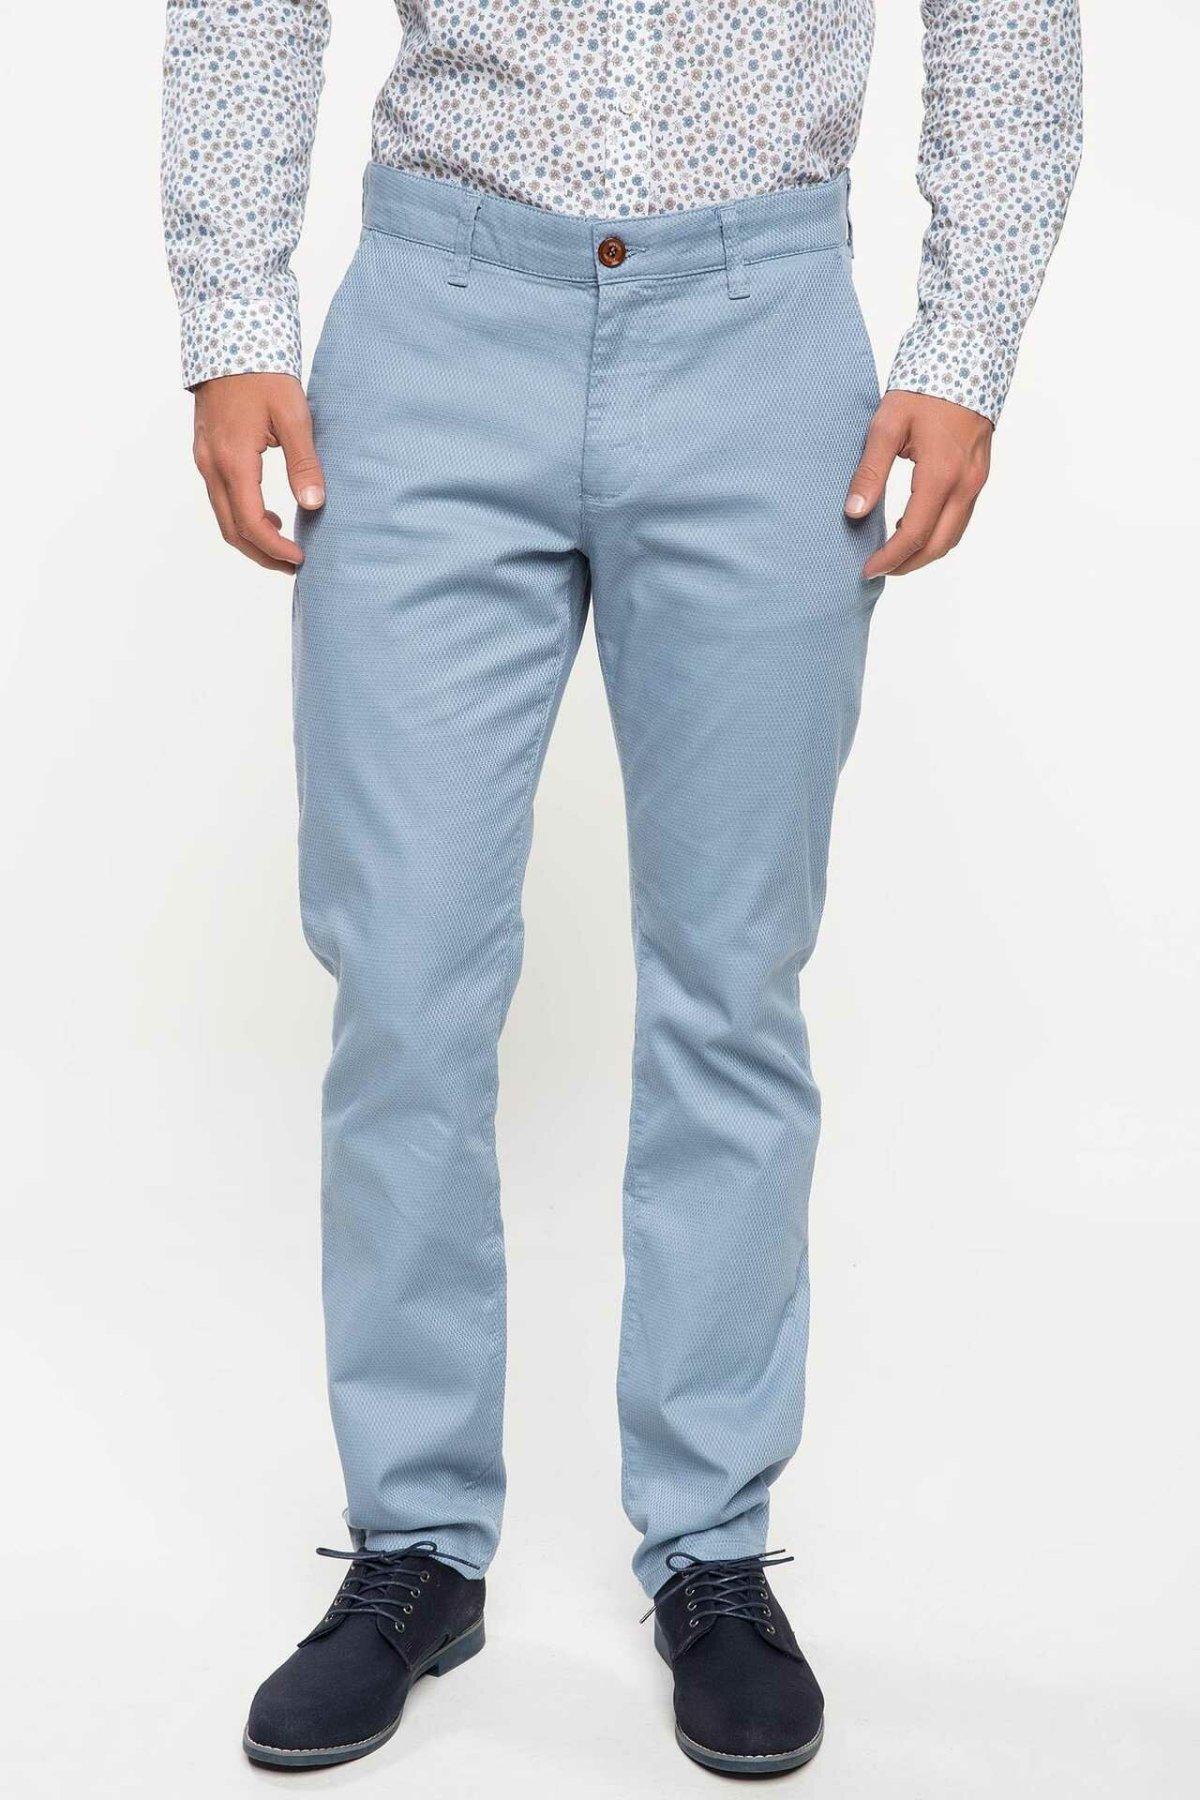 DeFacto Fashion Men's Suit Trousers Leisure Classic Business Long Pants Male Casual Zipper Casual Stright Pants Blue-I7694AZ18SM